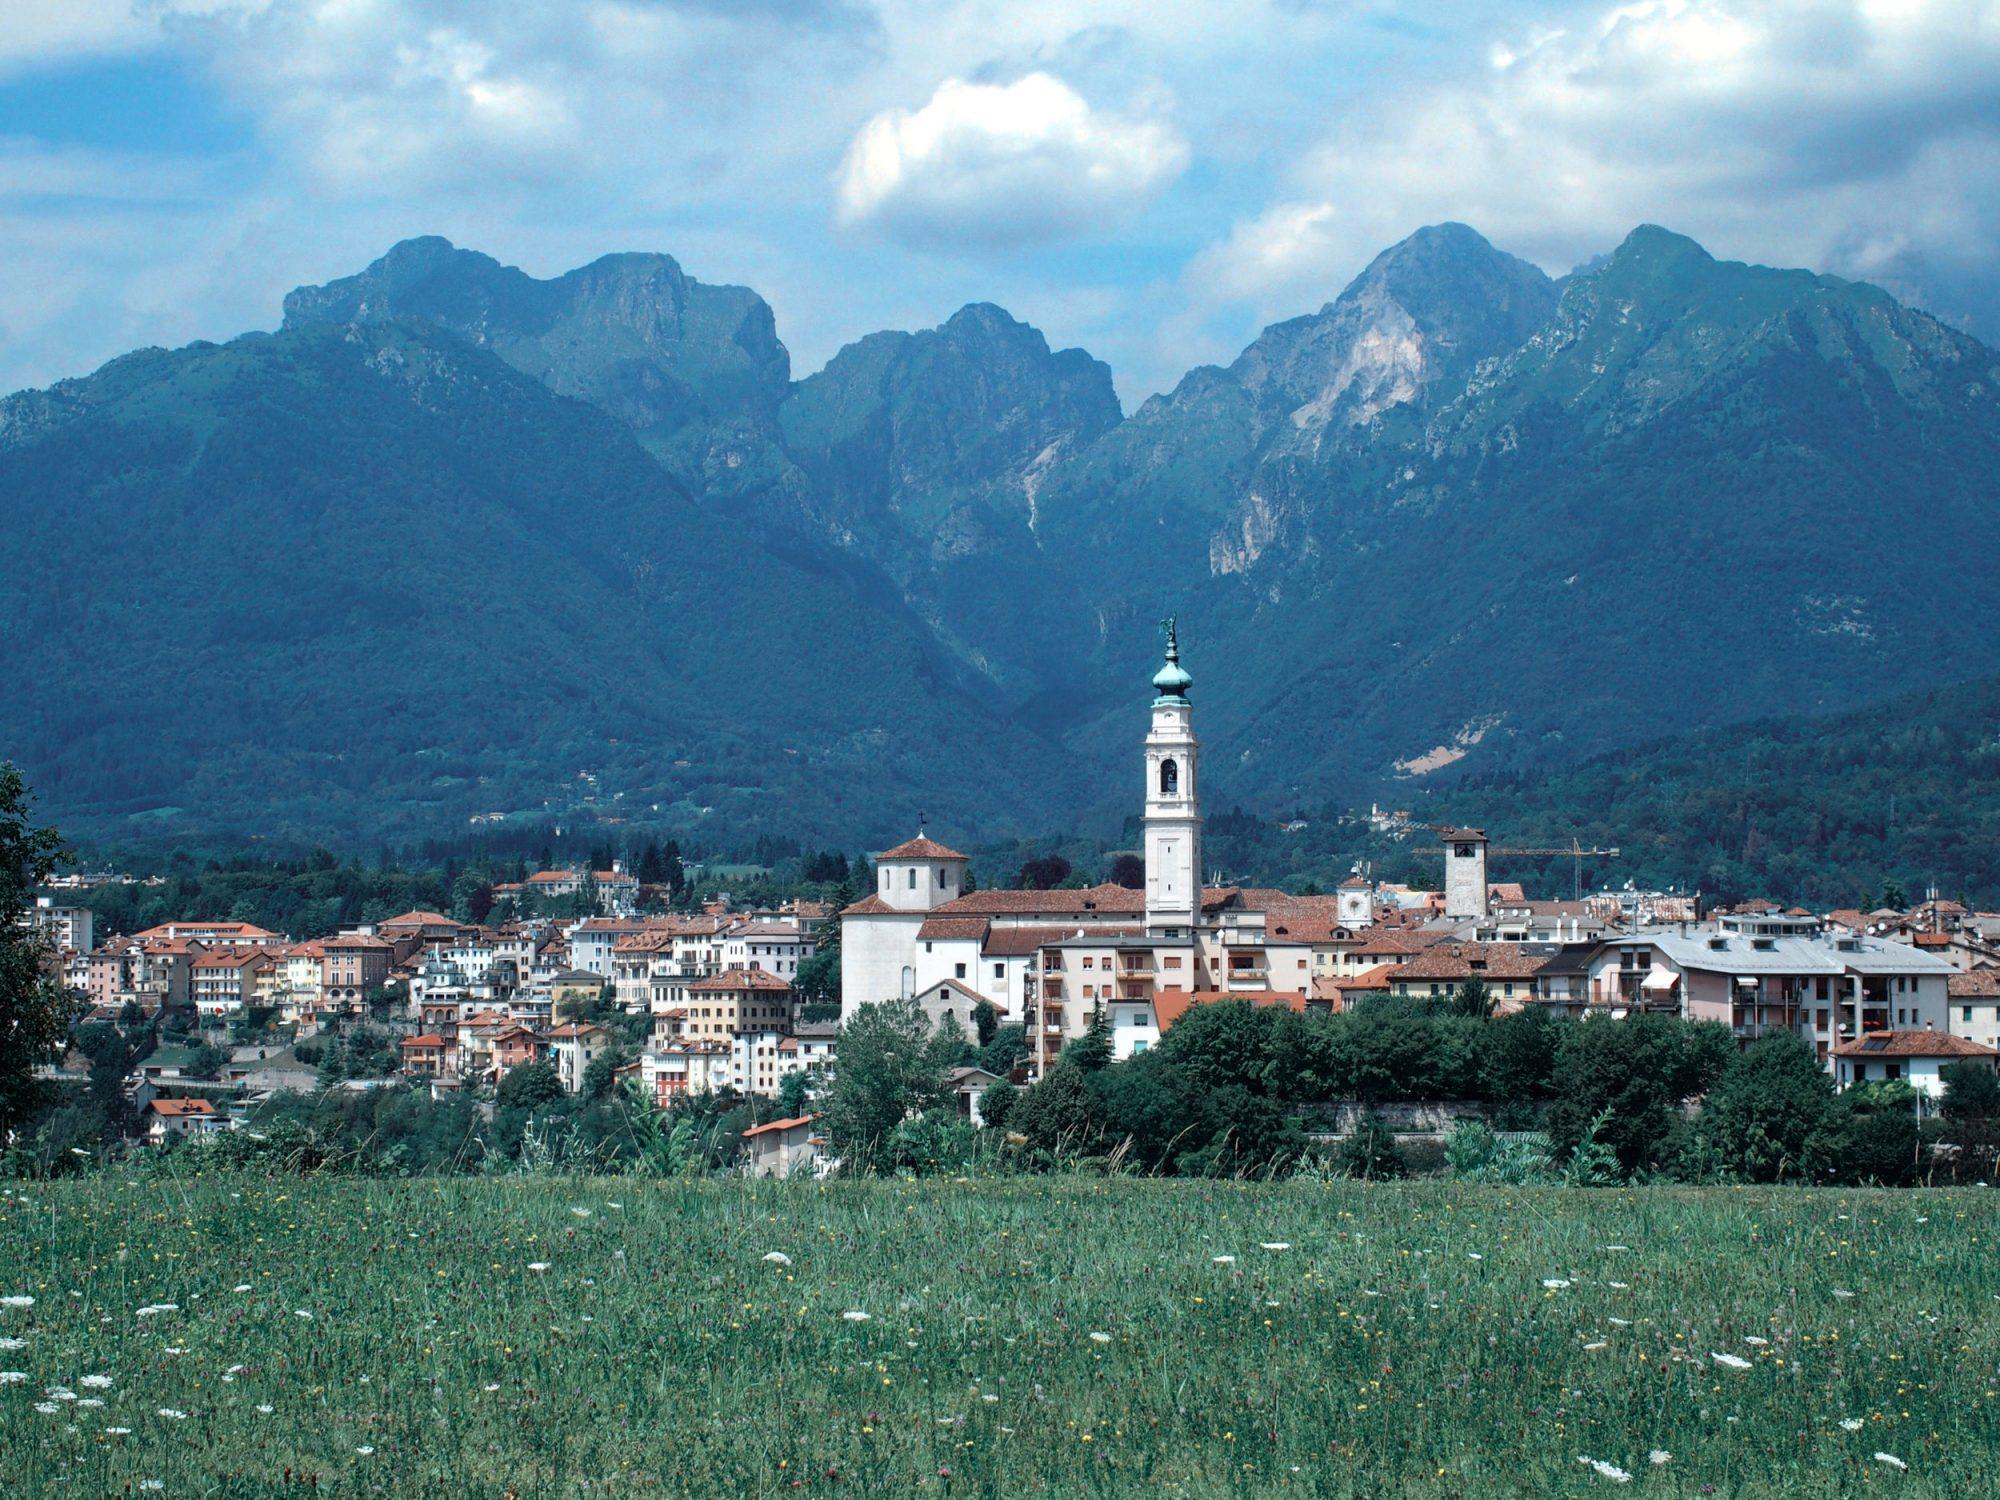 Belluno liegt großartig, Alpenüberquerung Traumpfad Venedig-München Weitwanderung